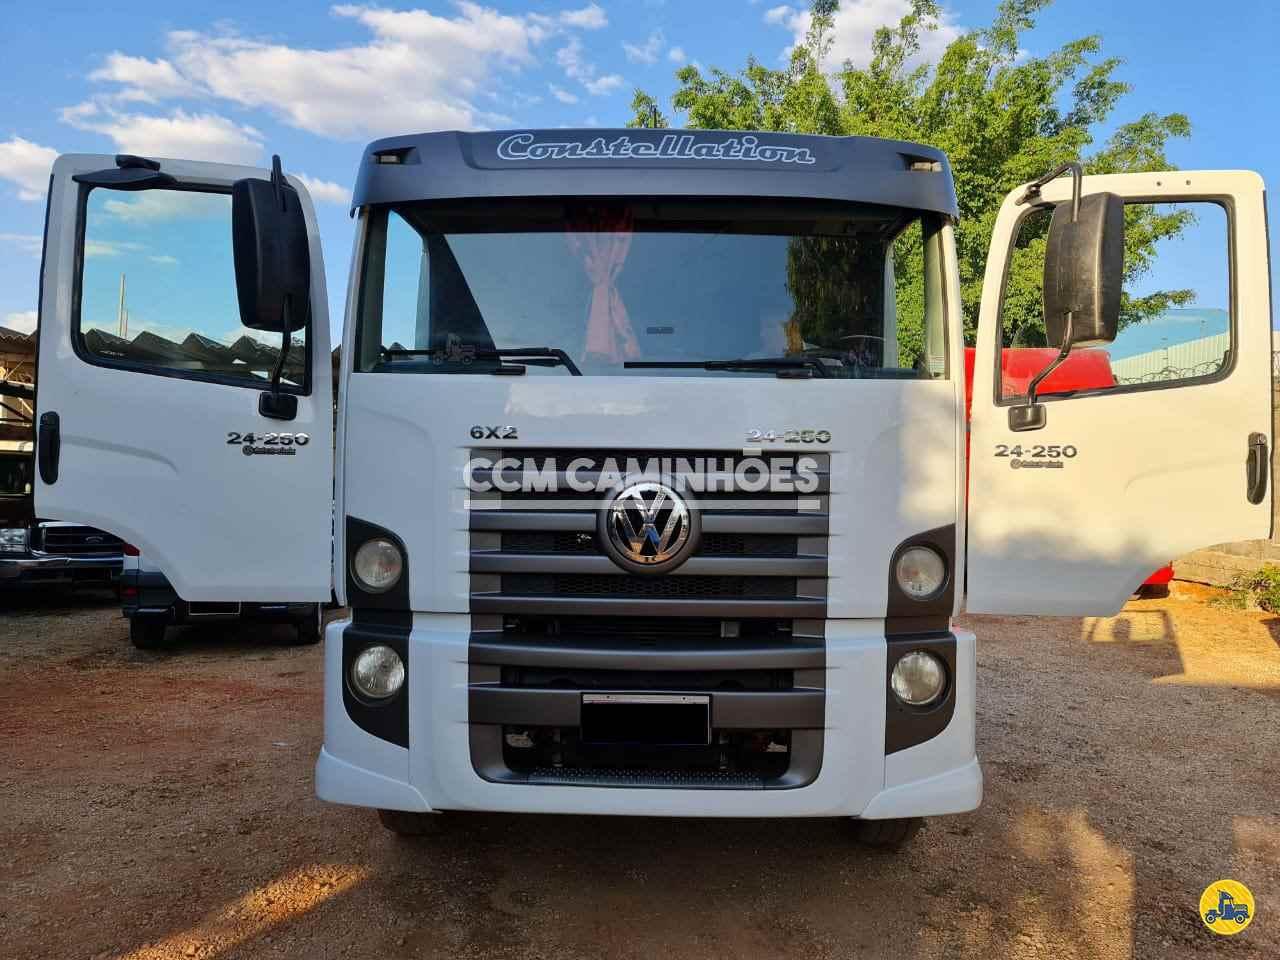 CAMINHAO VOLKSWAGEN VW 24250 Chassis Truck 6x2 CCM Caminhões GOIANIA GOIAS GO